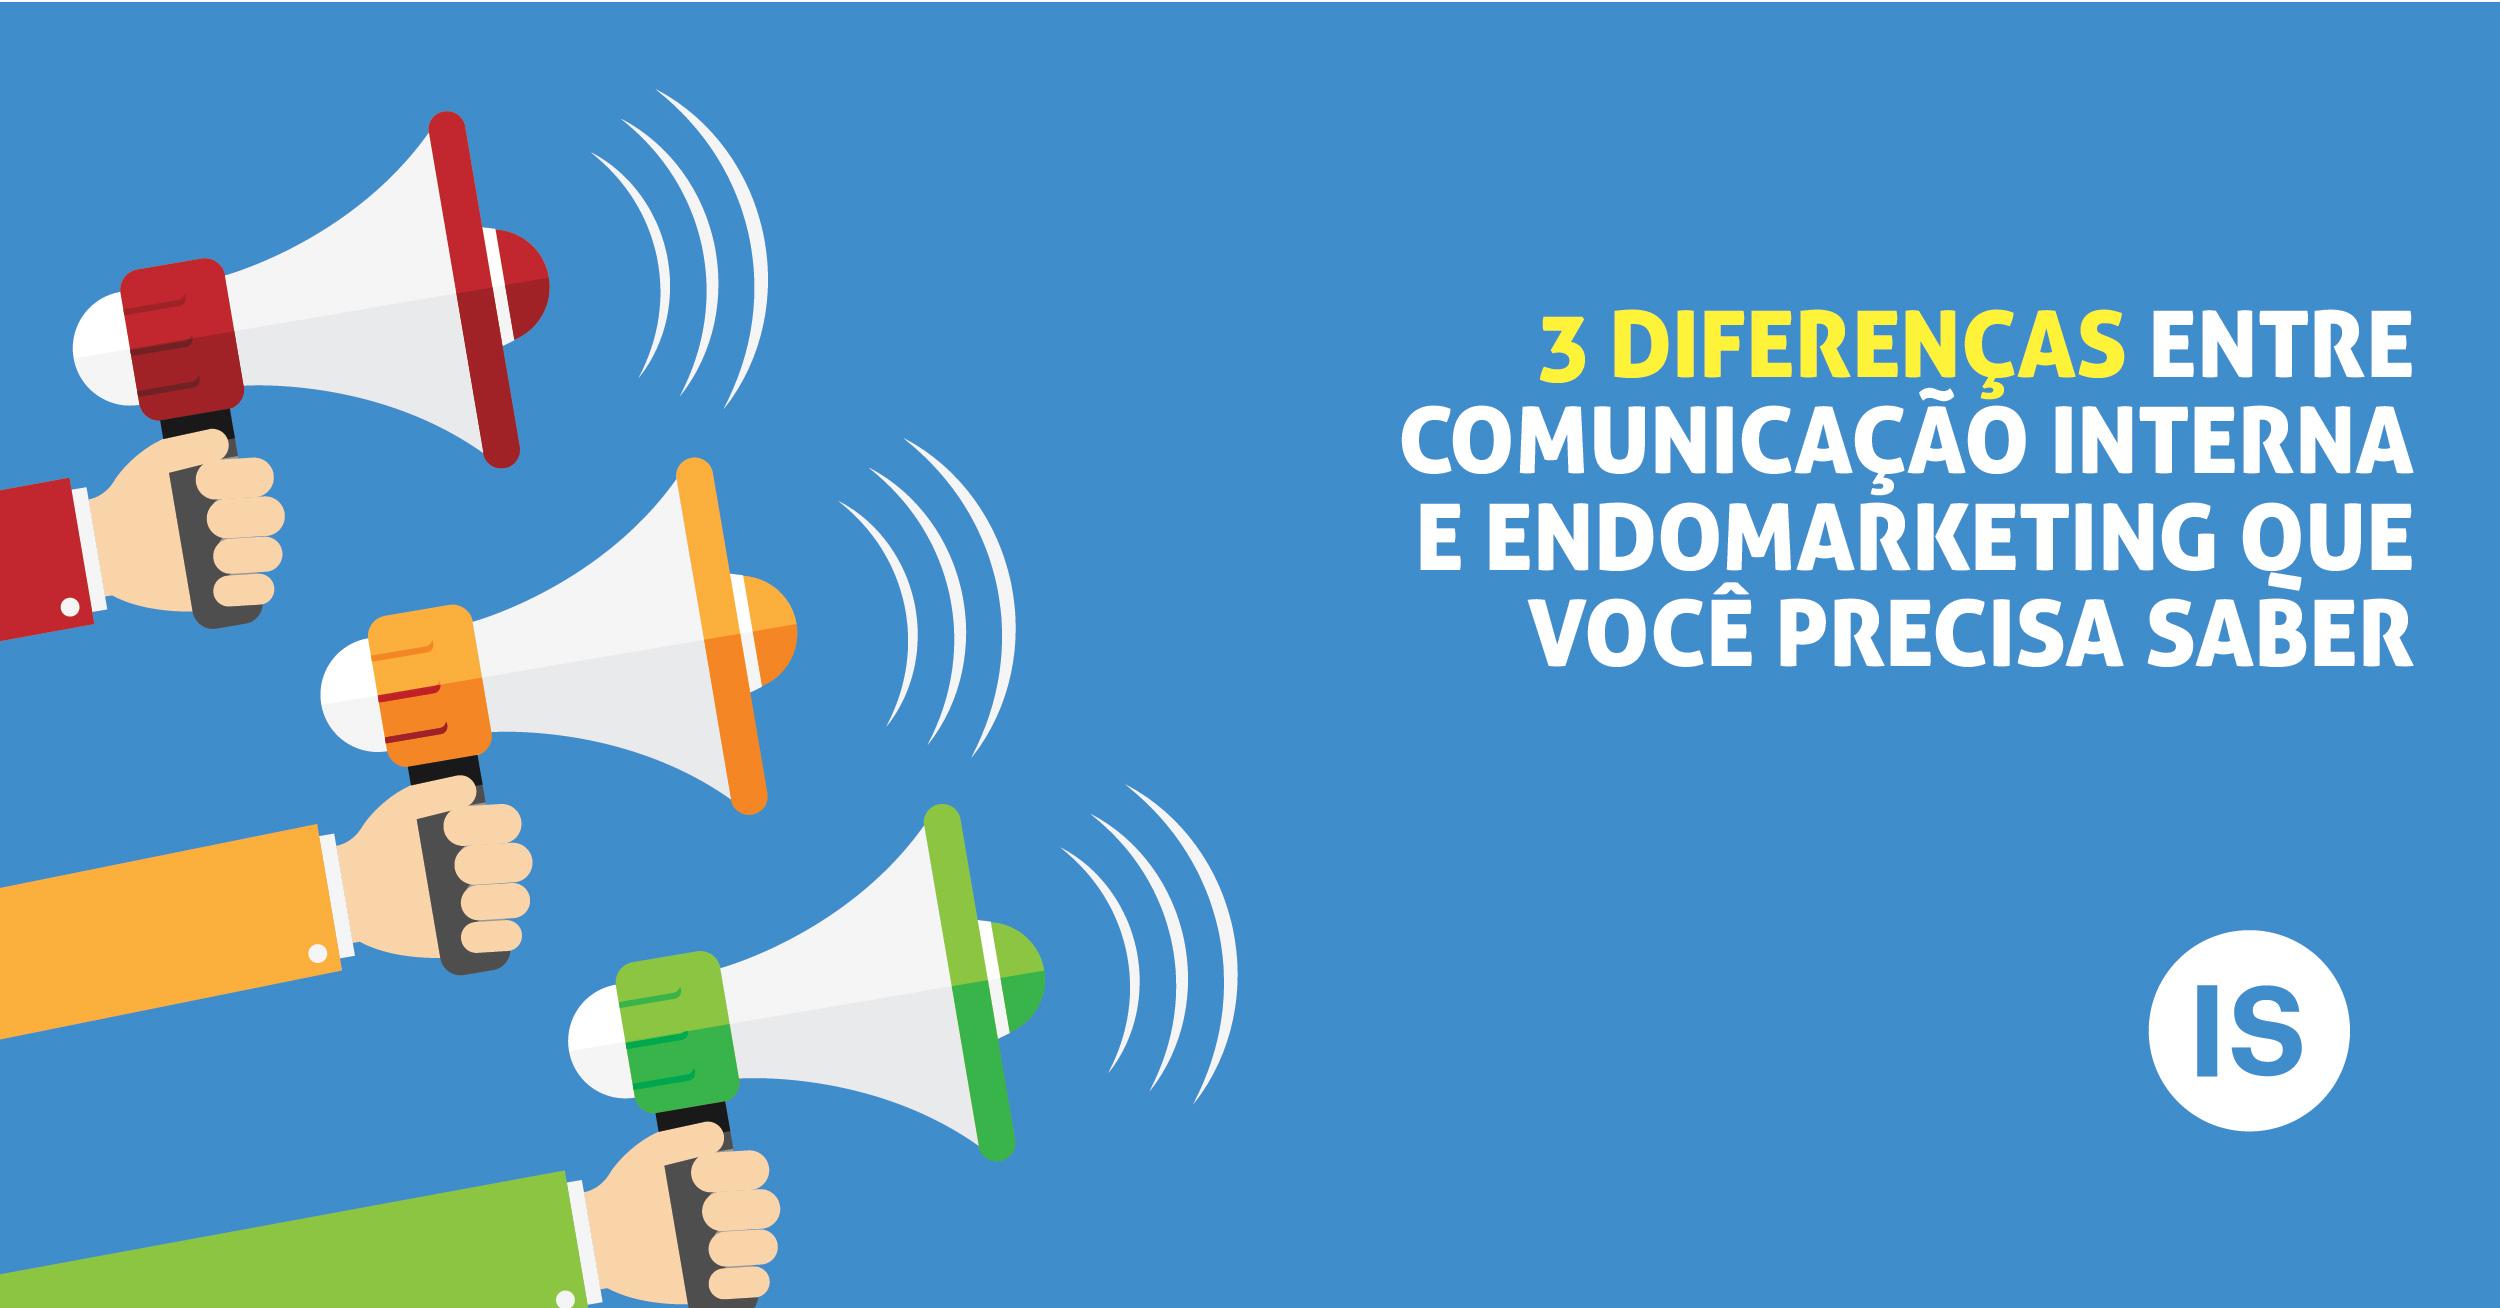 3 diferenças entre comunicação interna e endomarketing que você precisa saber